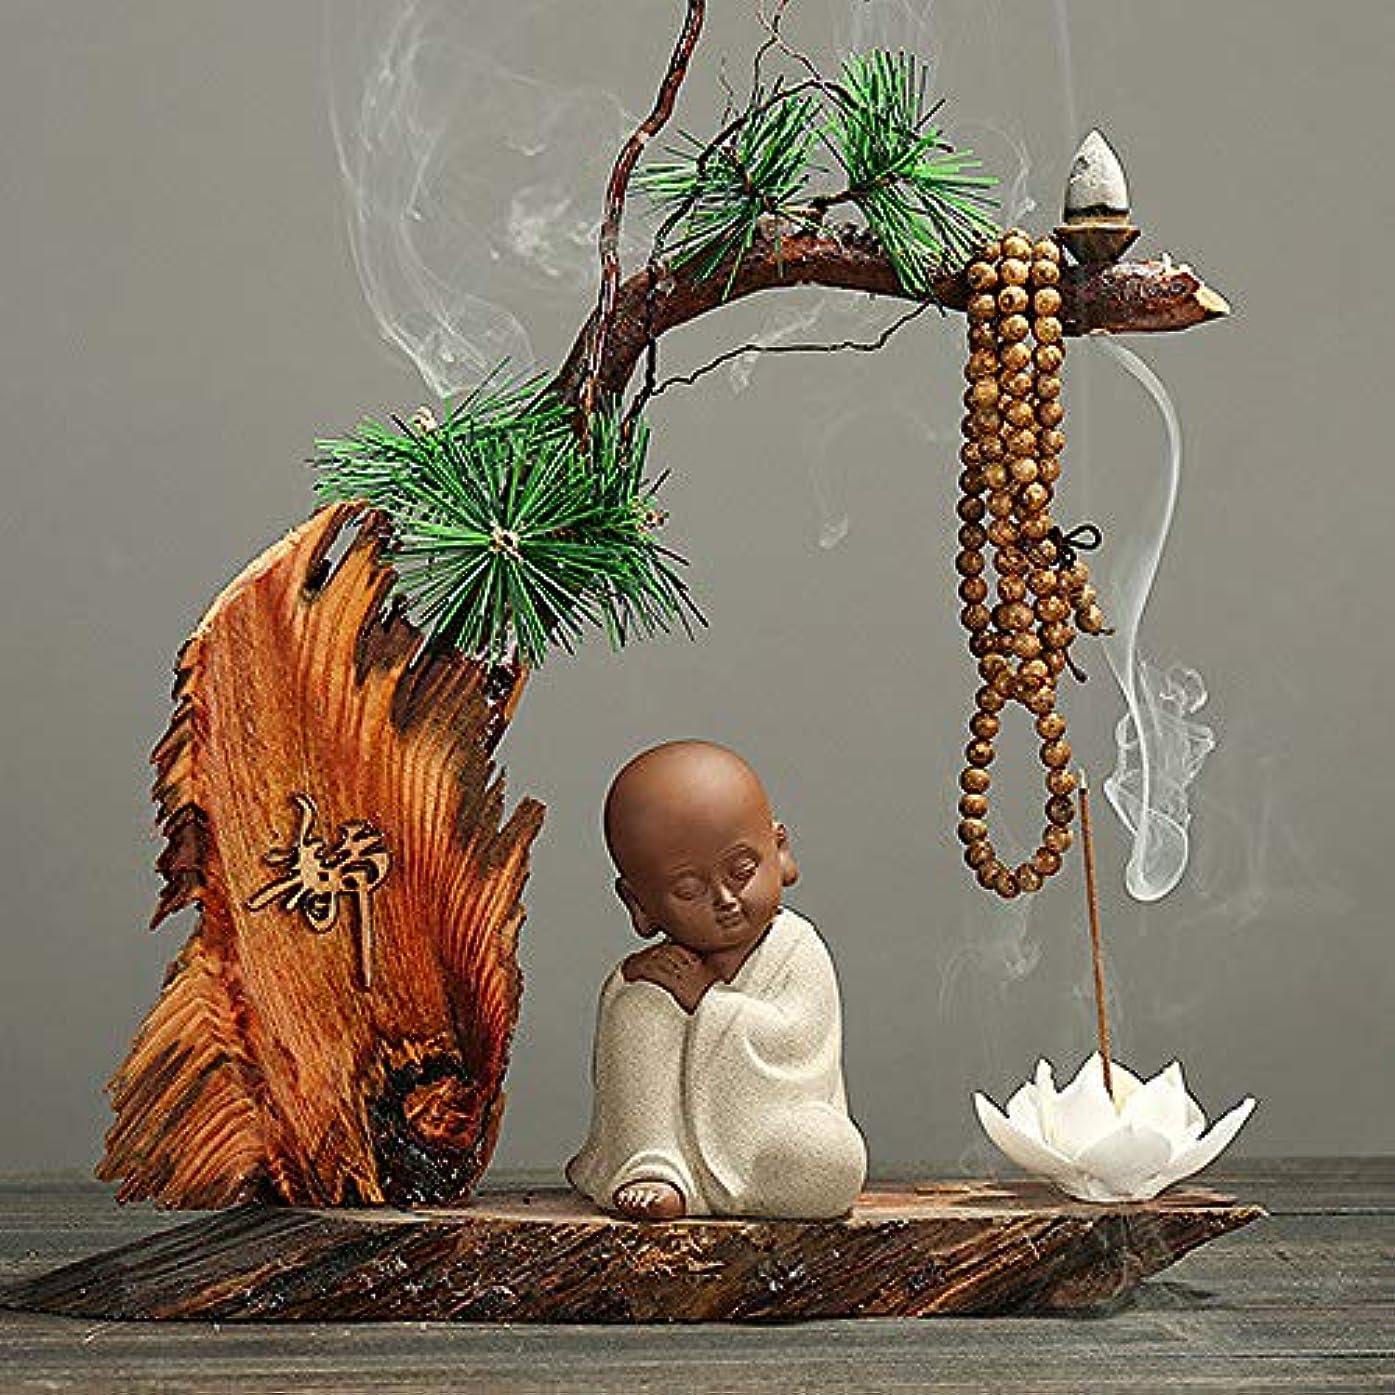 財布モルヒネ土器景色のリターン香炉、家の芳香バーナー、陶磁器の香炉、陶磁器バーナー8 * 10cm